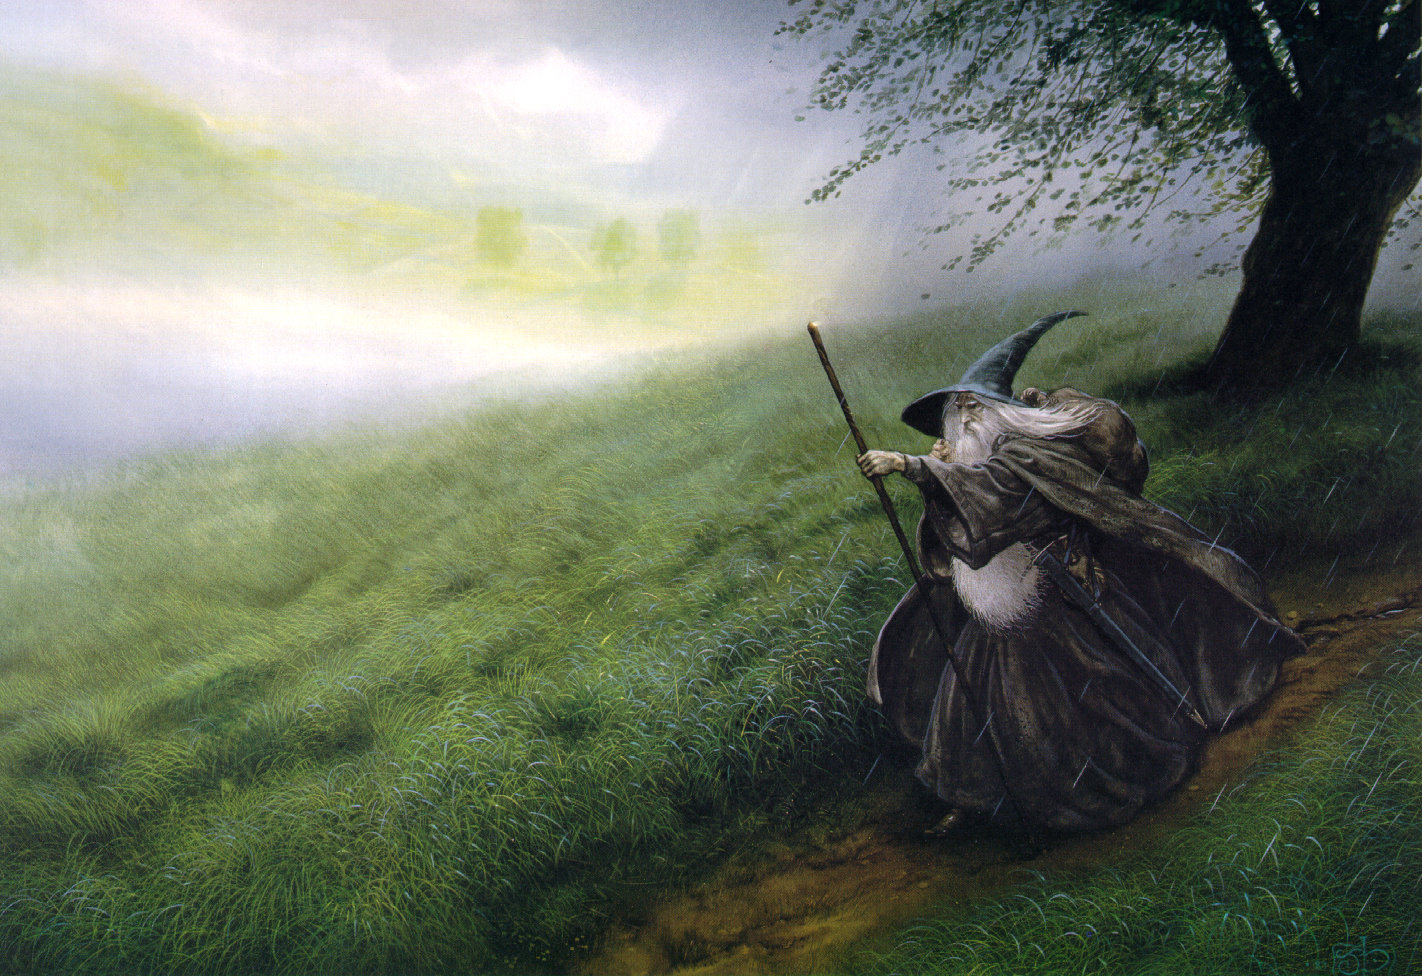 http://3.bp.blogspot.com/-ri6HyHKavpU/TwUZ6dWdOgI/AAAAAAAABH4/DP-cmV3Vtt0/s1600/gandalf-wallpaper-lotr.jpg